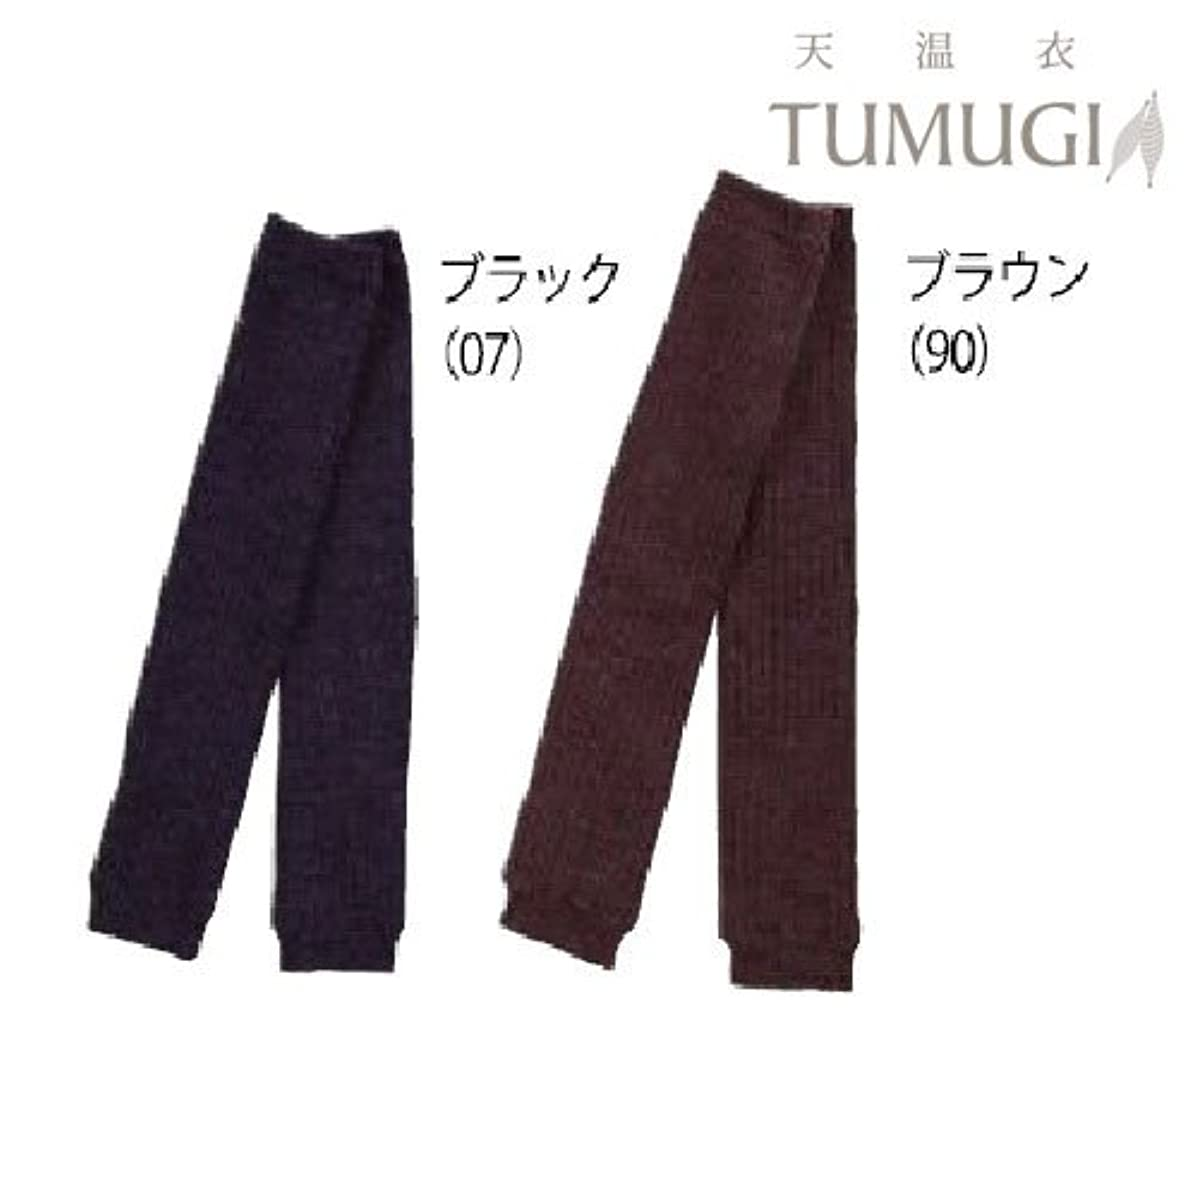 洞察力のある代数的告発天温衣TUMUGI  ウールとシルクの2重編みレッグウォーマー (ブラック(黒))